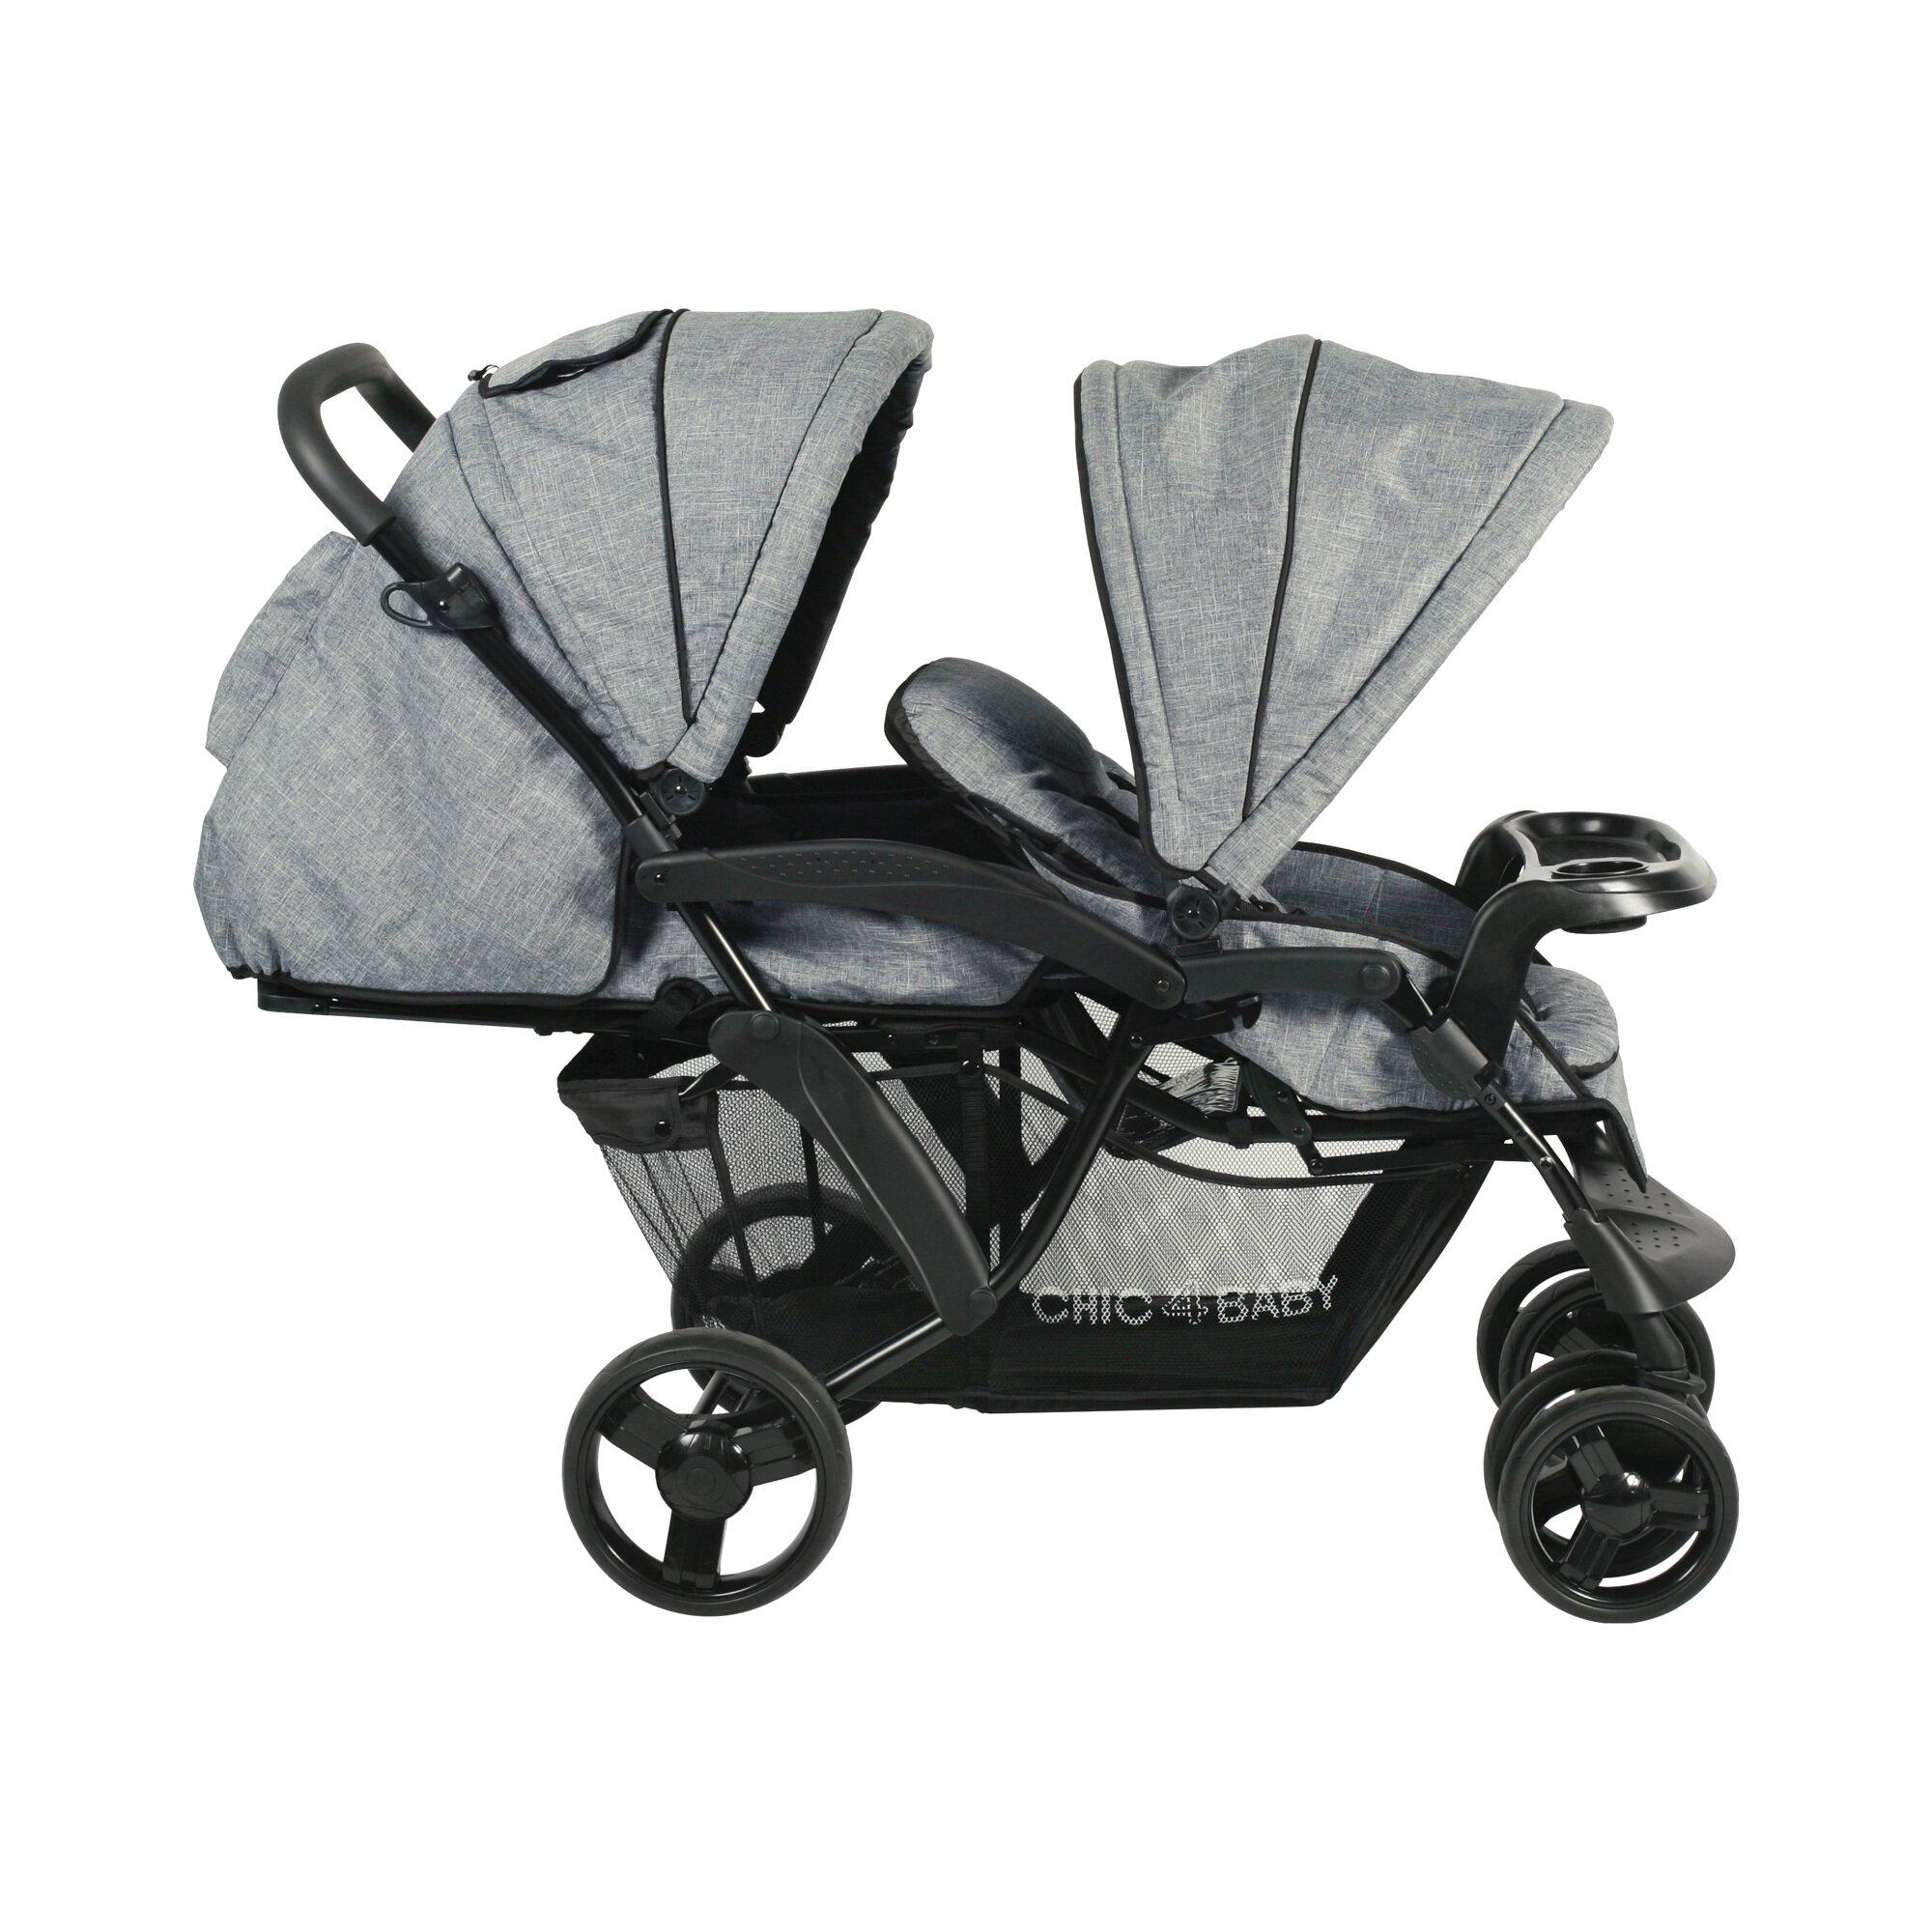 chic-4-baby-doppio-kinderwagen-geschwisterwagen-blau